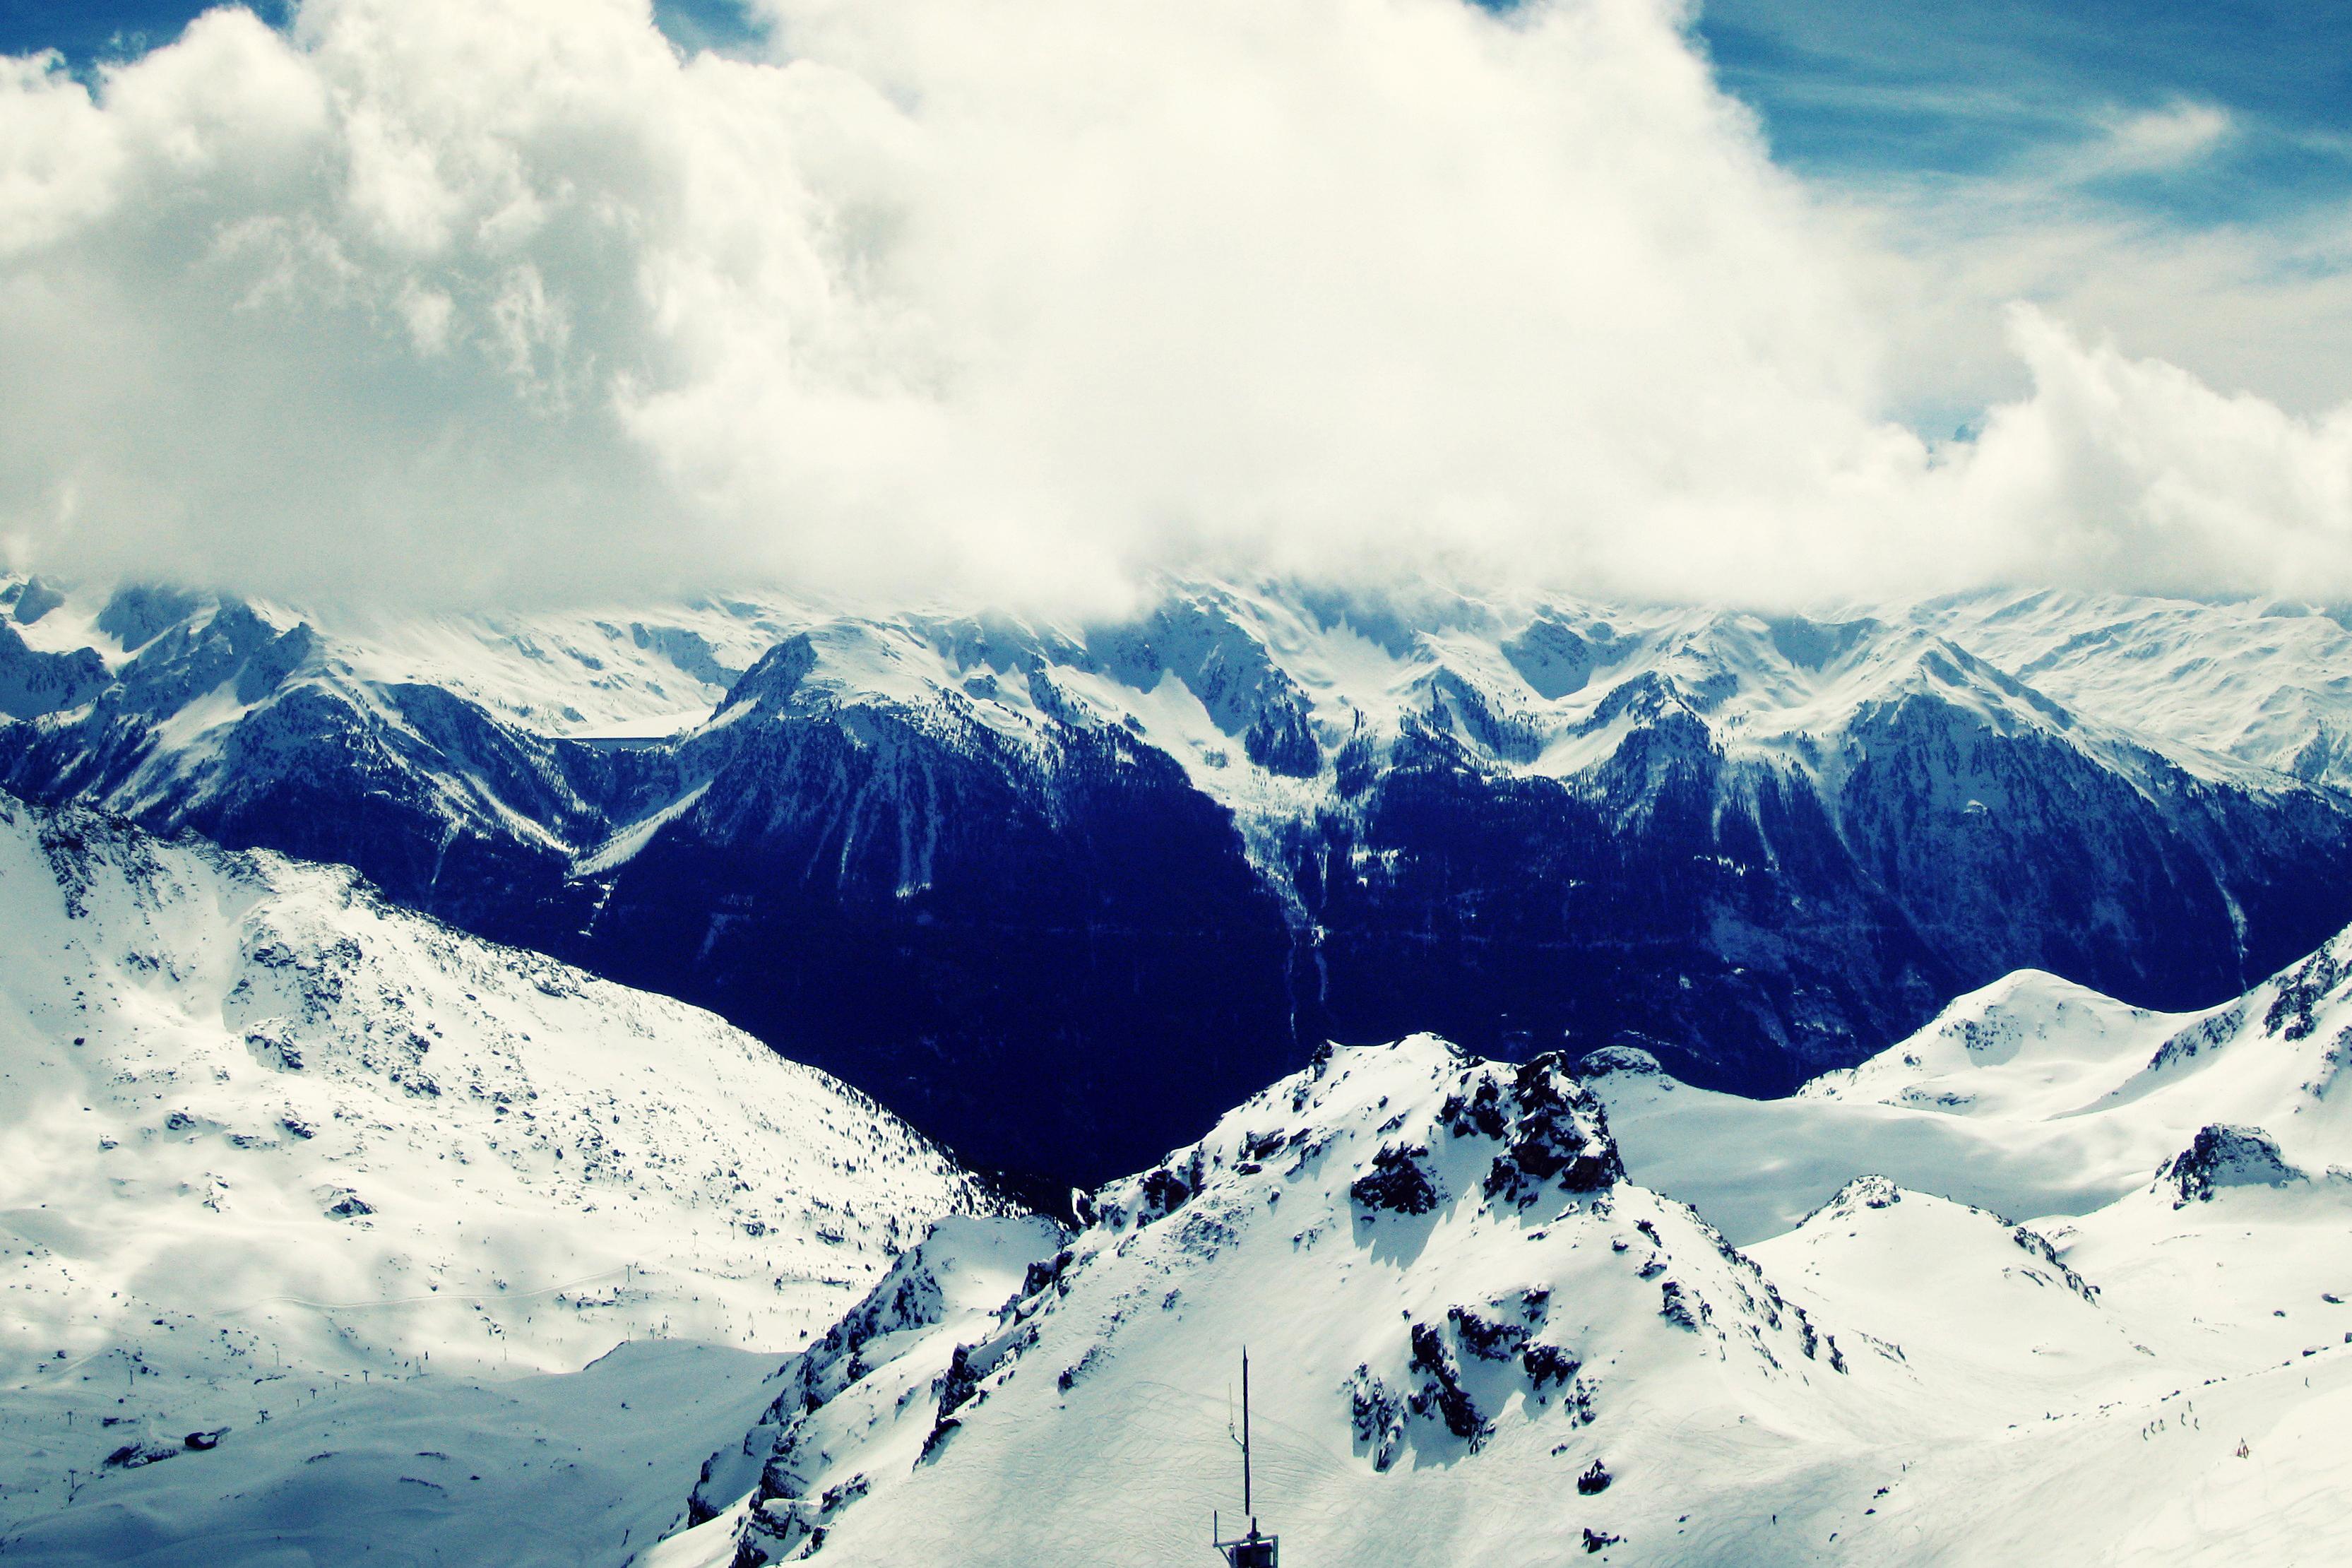 102375壁紙のダウンロード自然, ヴァル・トランス, ヴァル・ソランス, フランス, トップス, 頂点, 雪, 山脈-スクリーンセーバーと写真を無料で